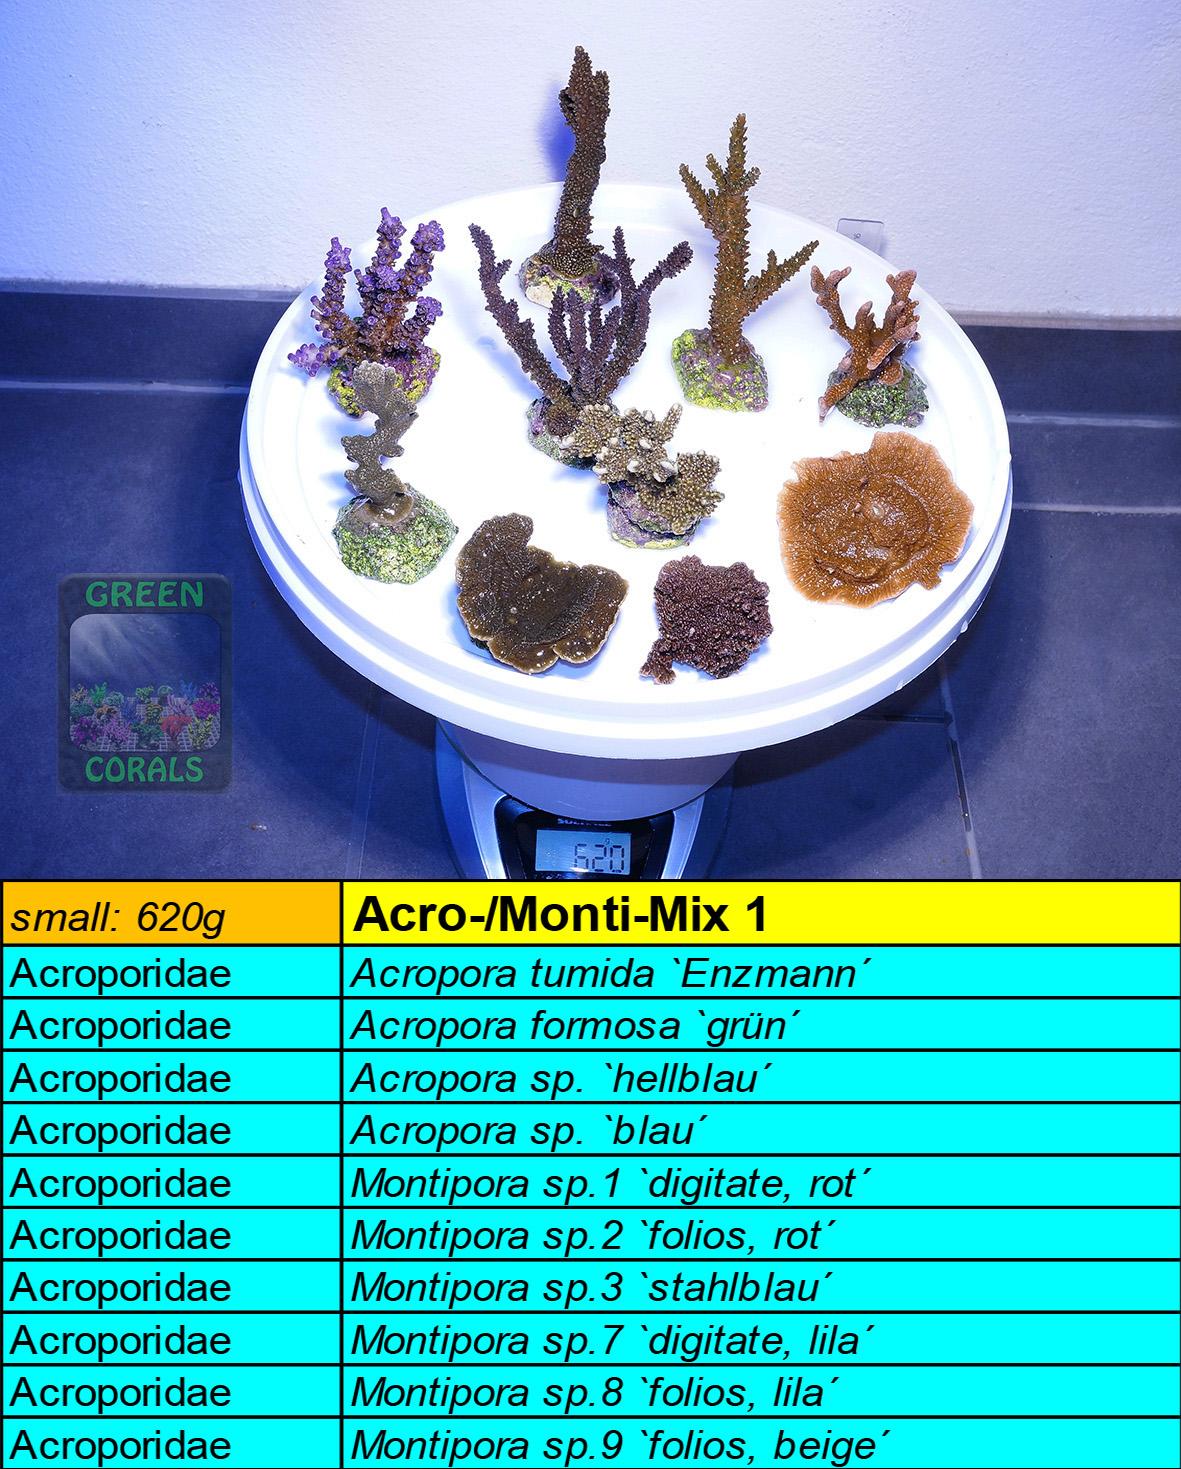 9 Acro-Monti Mix s 620g